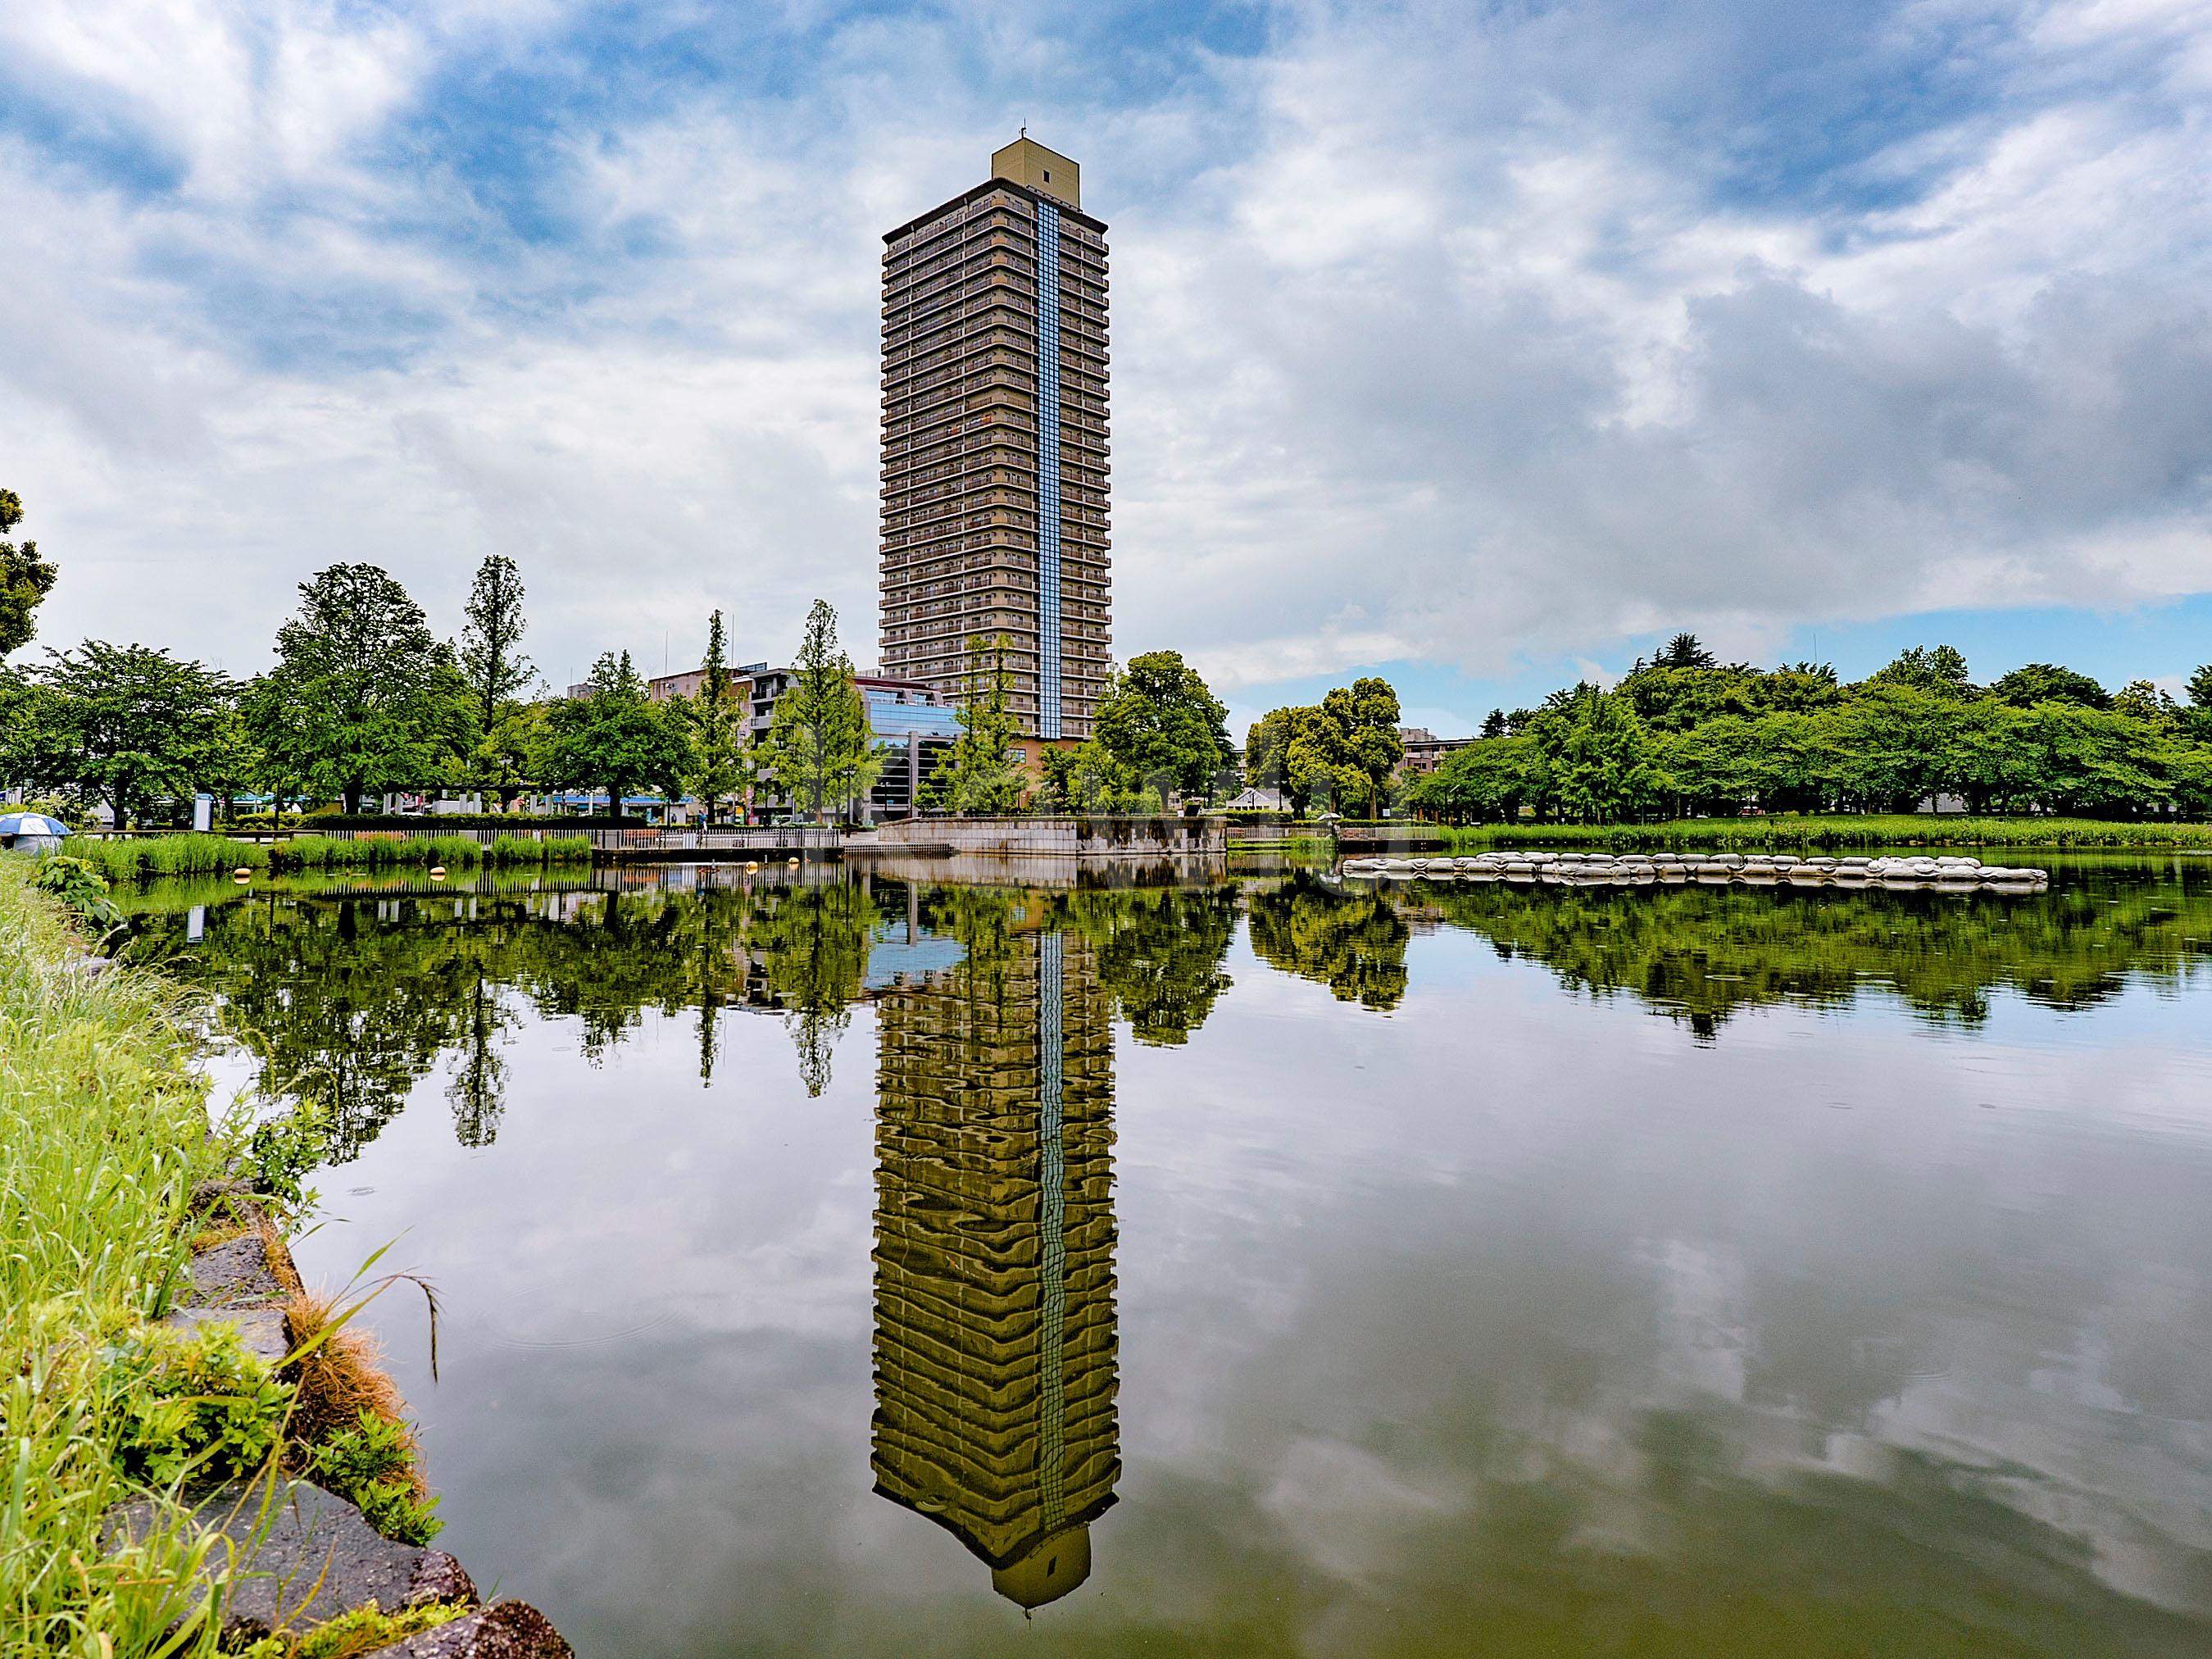 アイ・タワーは駅まで1分、公園まで1分、利便性と環境のいいとこどりのタワーマンション!